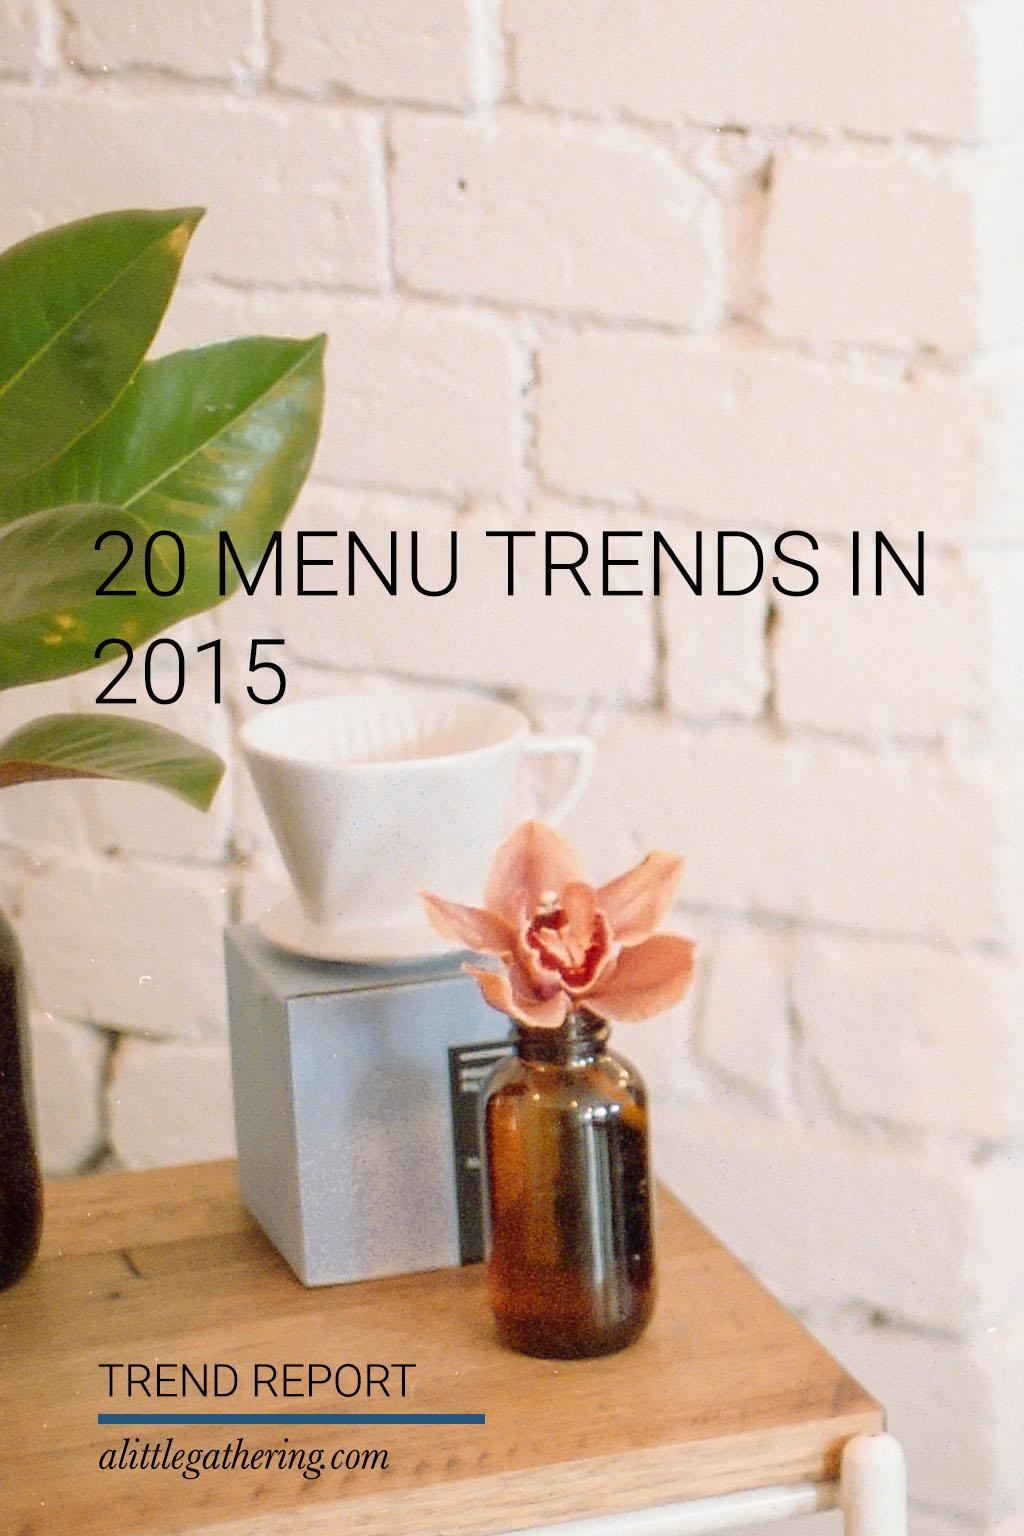 20 menu trends in 2015